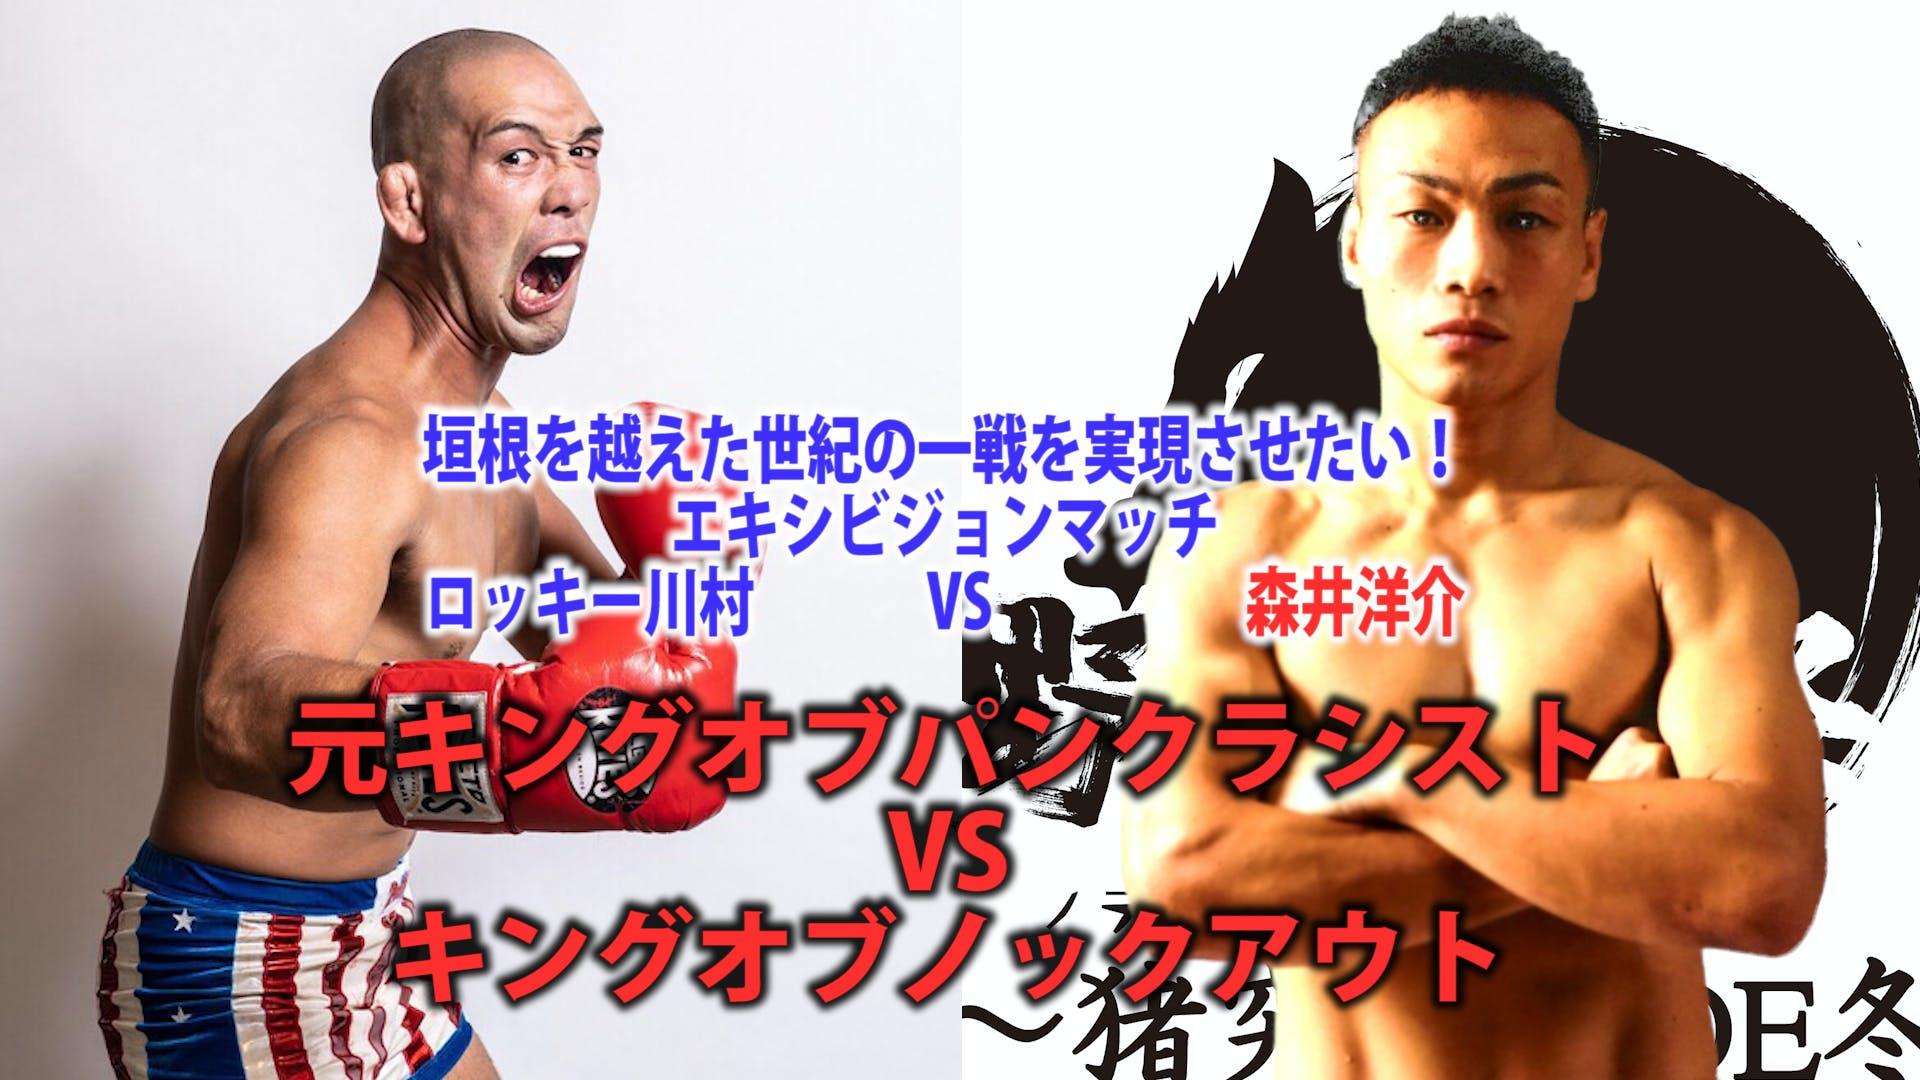 Mr.キングオブノックアウト森井洋介vs元キングオブパンクラシストロッキー川村